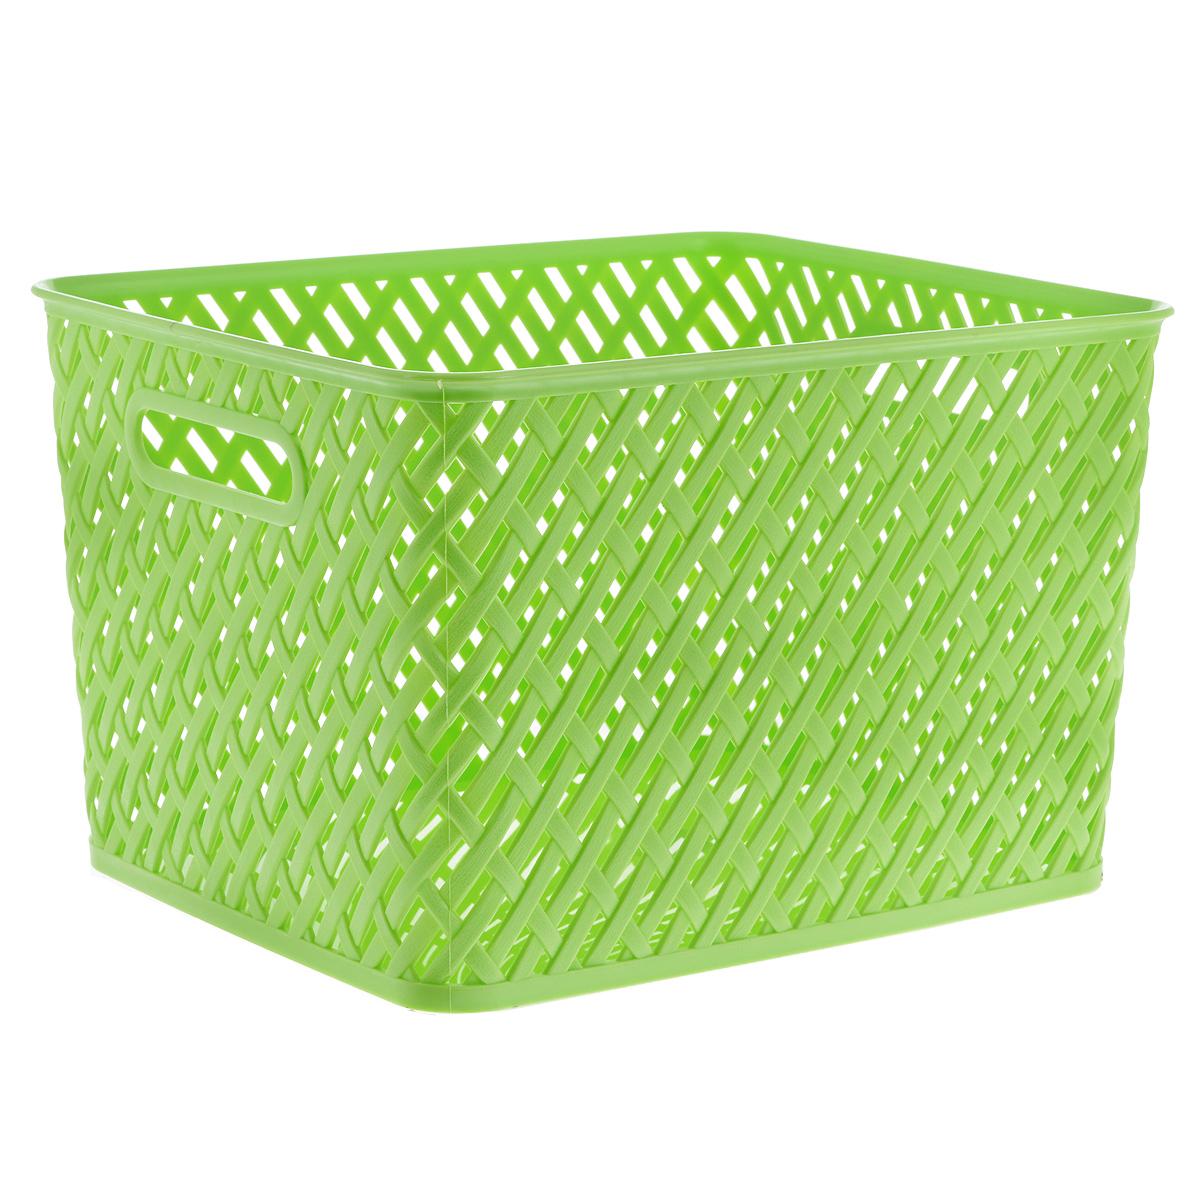 Корзина Альтернатива Плетенка, цвет: салатовый, 35 х 29 х 22,5 см12723Прямоугольная корзина Плетенка изготовлена из высококачественного пластика и декорирована перфорацией. Она предназначена для хранения различных мелочей дома или на даче. Позволяет хранить мелкие вещи, исключая возможность их потери. Корзина очень вместительная. Элегантный выдержанный дизайн позволяет органично вписаться в ваш интерьер и стать его элементом.